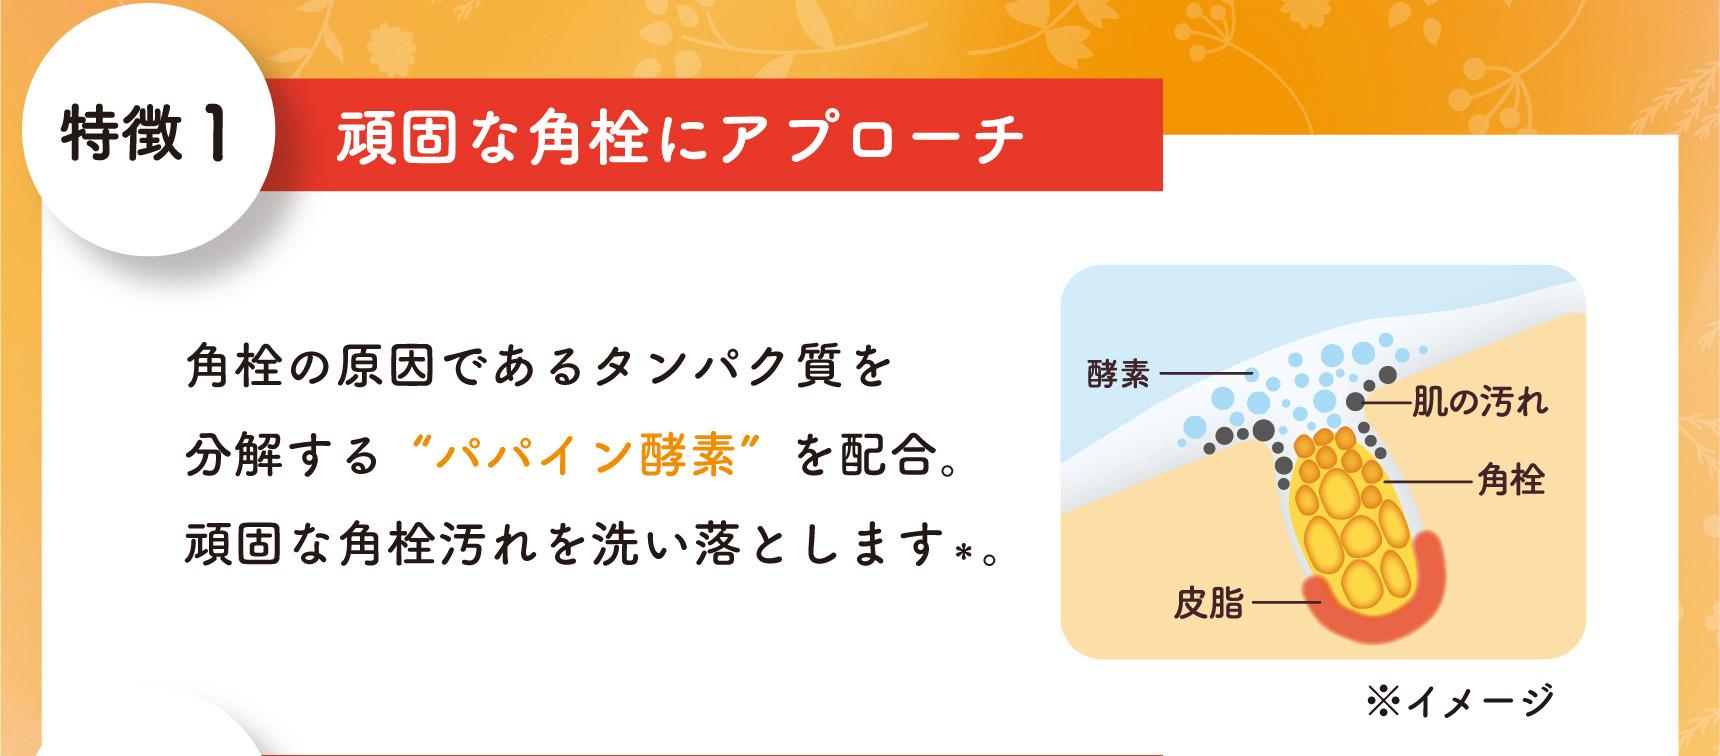 特徴1 頑固な角栓にアプローチ 角栓の原因であるタンパク質を分解する「パパイン酵素」を配合。頑固な角栓汚れを洗い落とします*。 *クレンジング効果による